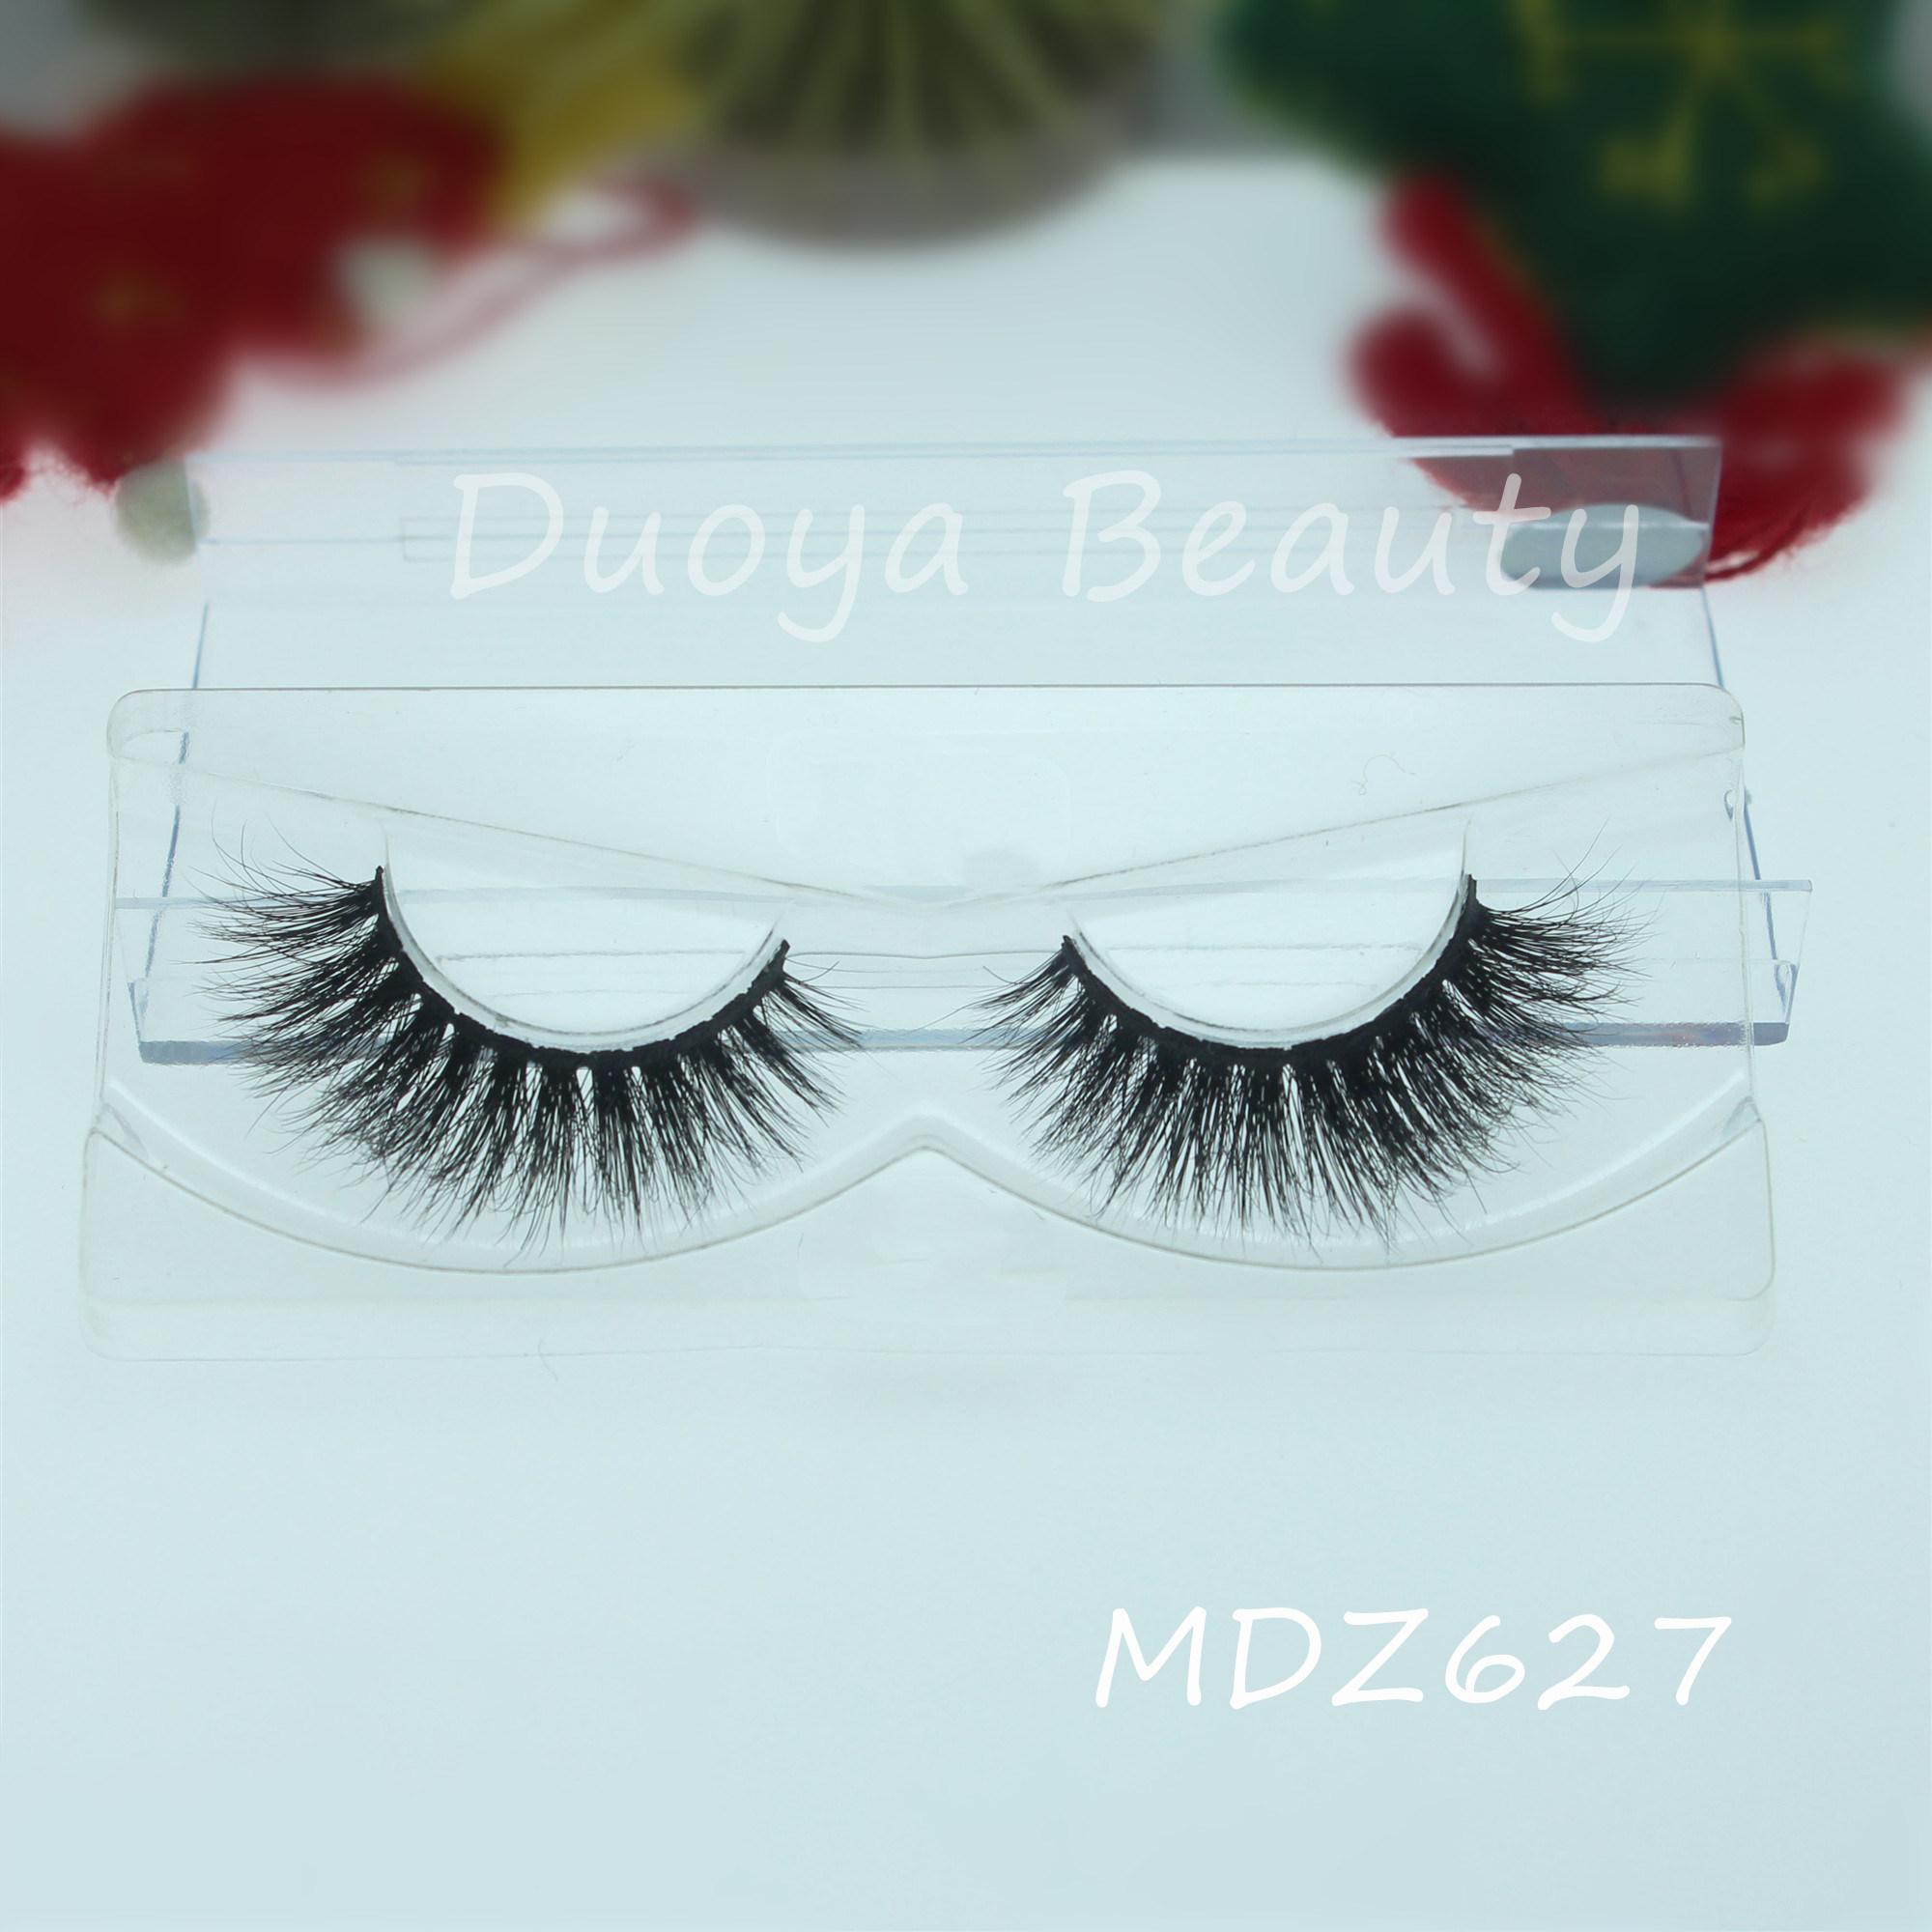 34dabcbb94d China Premium Private Label Lashes Wholesale Mink Lashes with Custom  Packaging - China Mink Eyelash, False Eyelashes